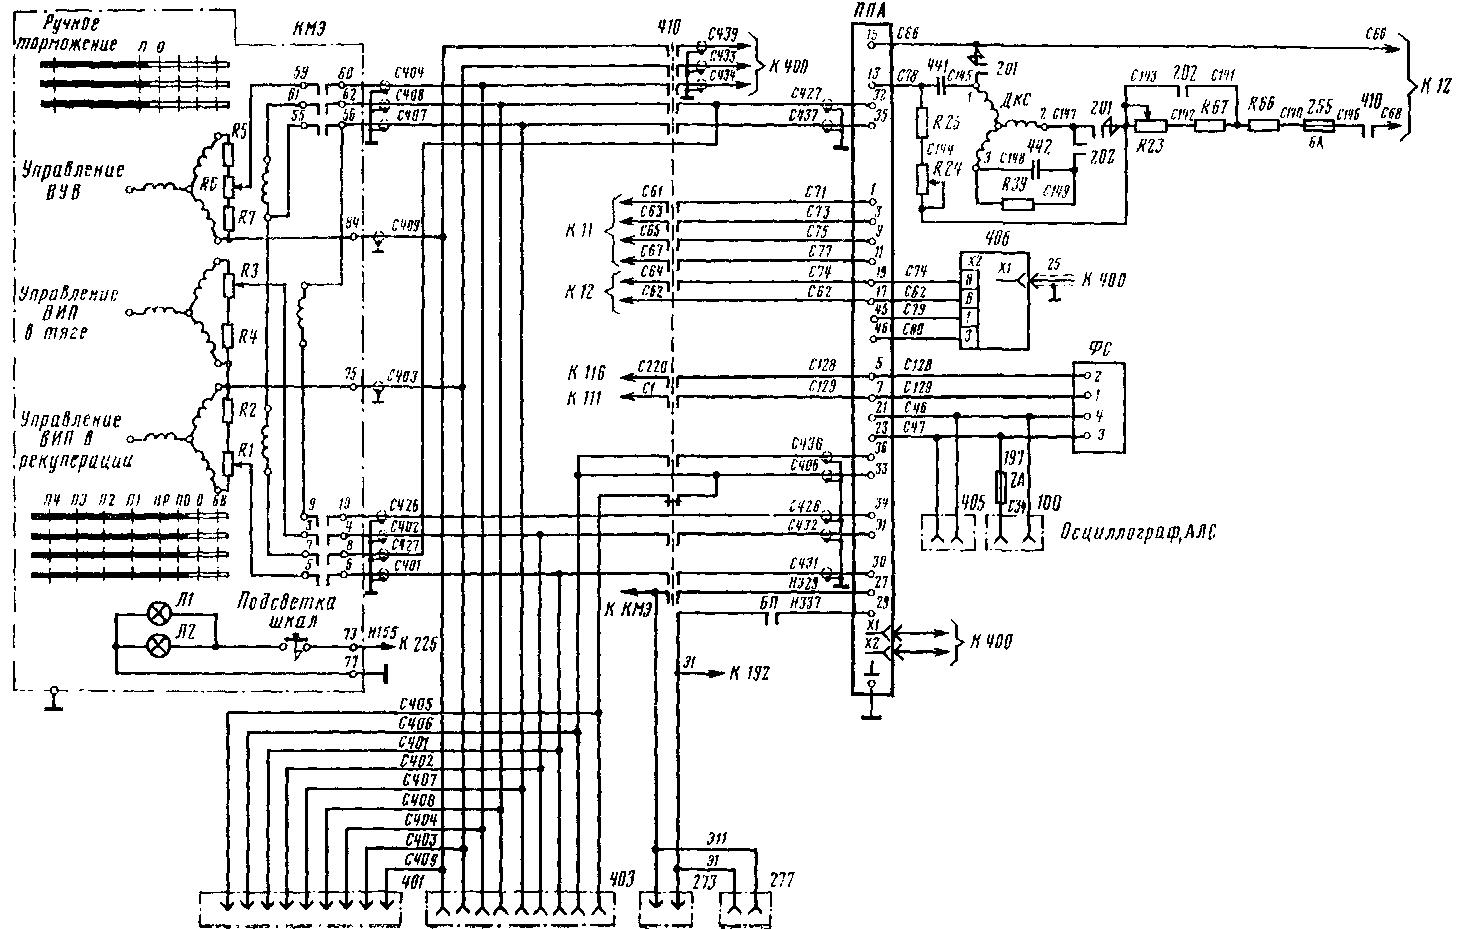 Схема цепей связи контроллера машиниста с системой регулирования